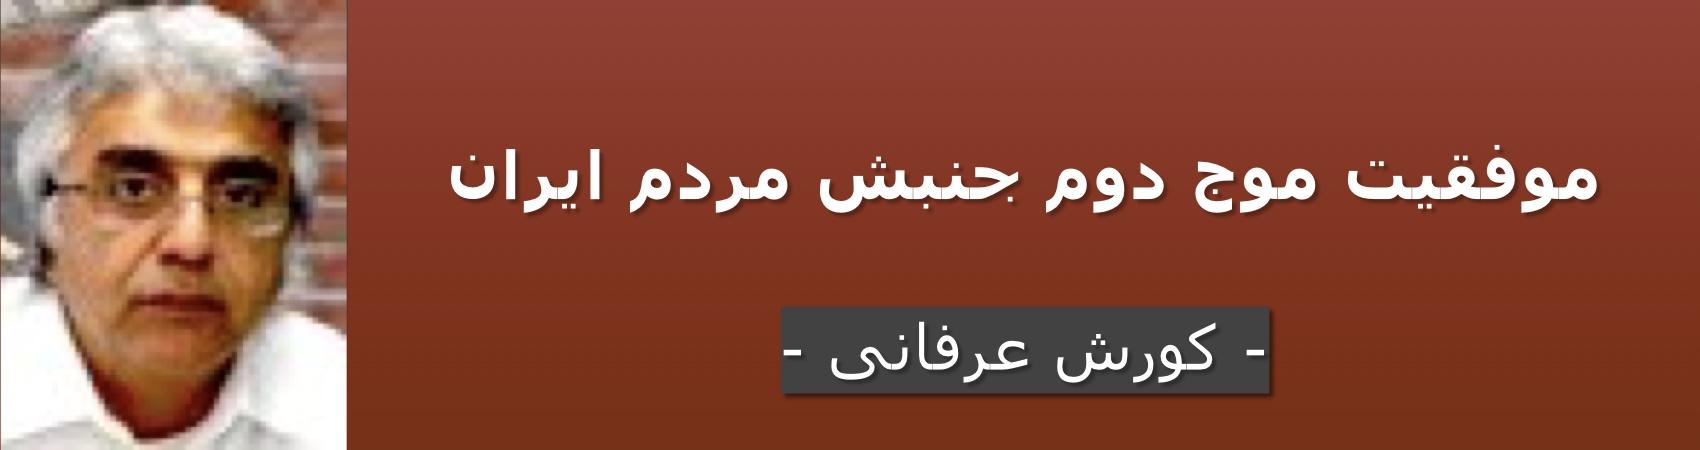 موفقیت موج دوم جنبش مردم ایران